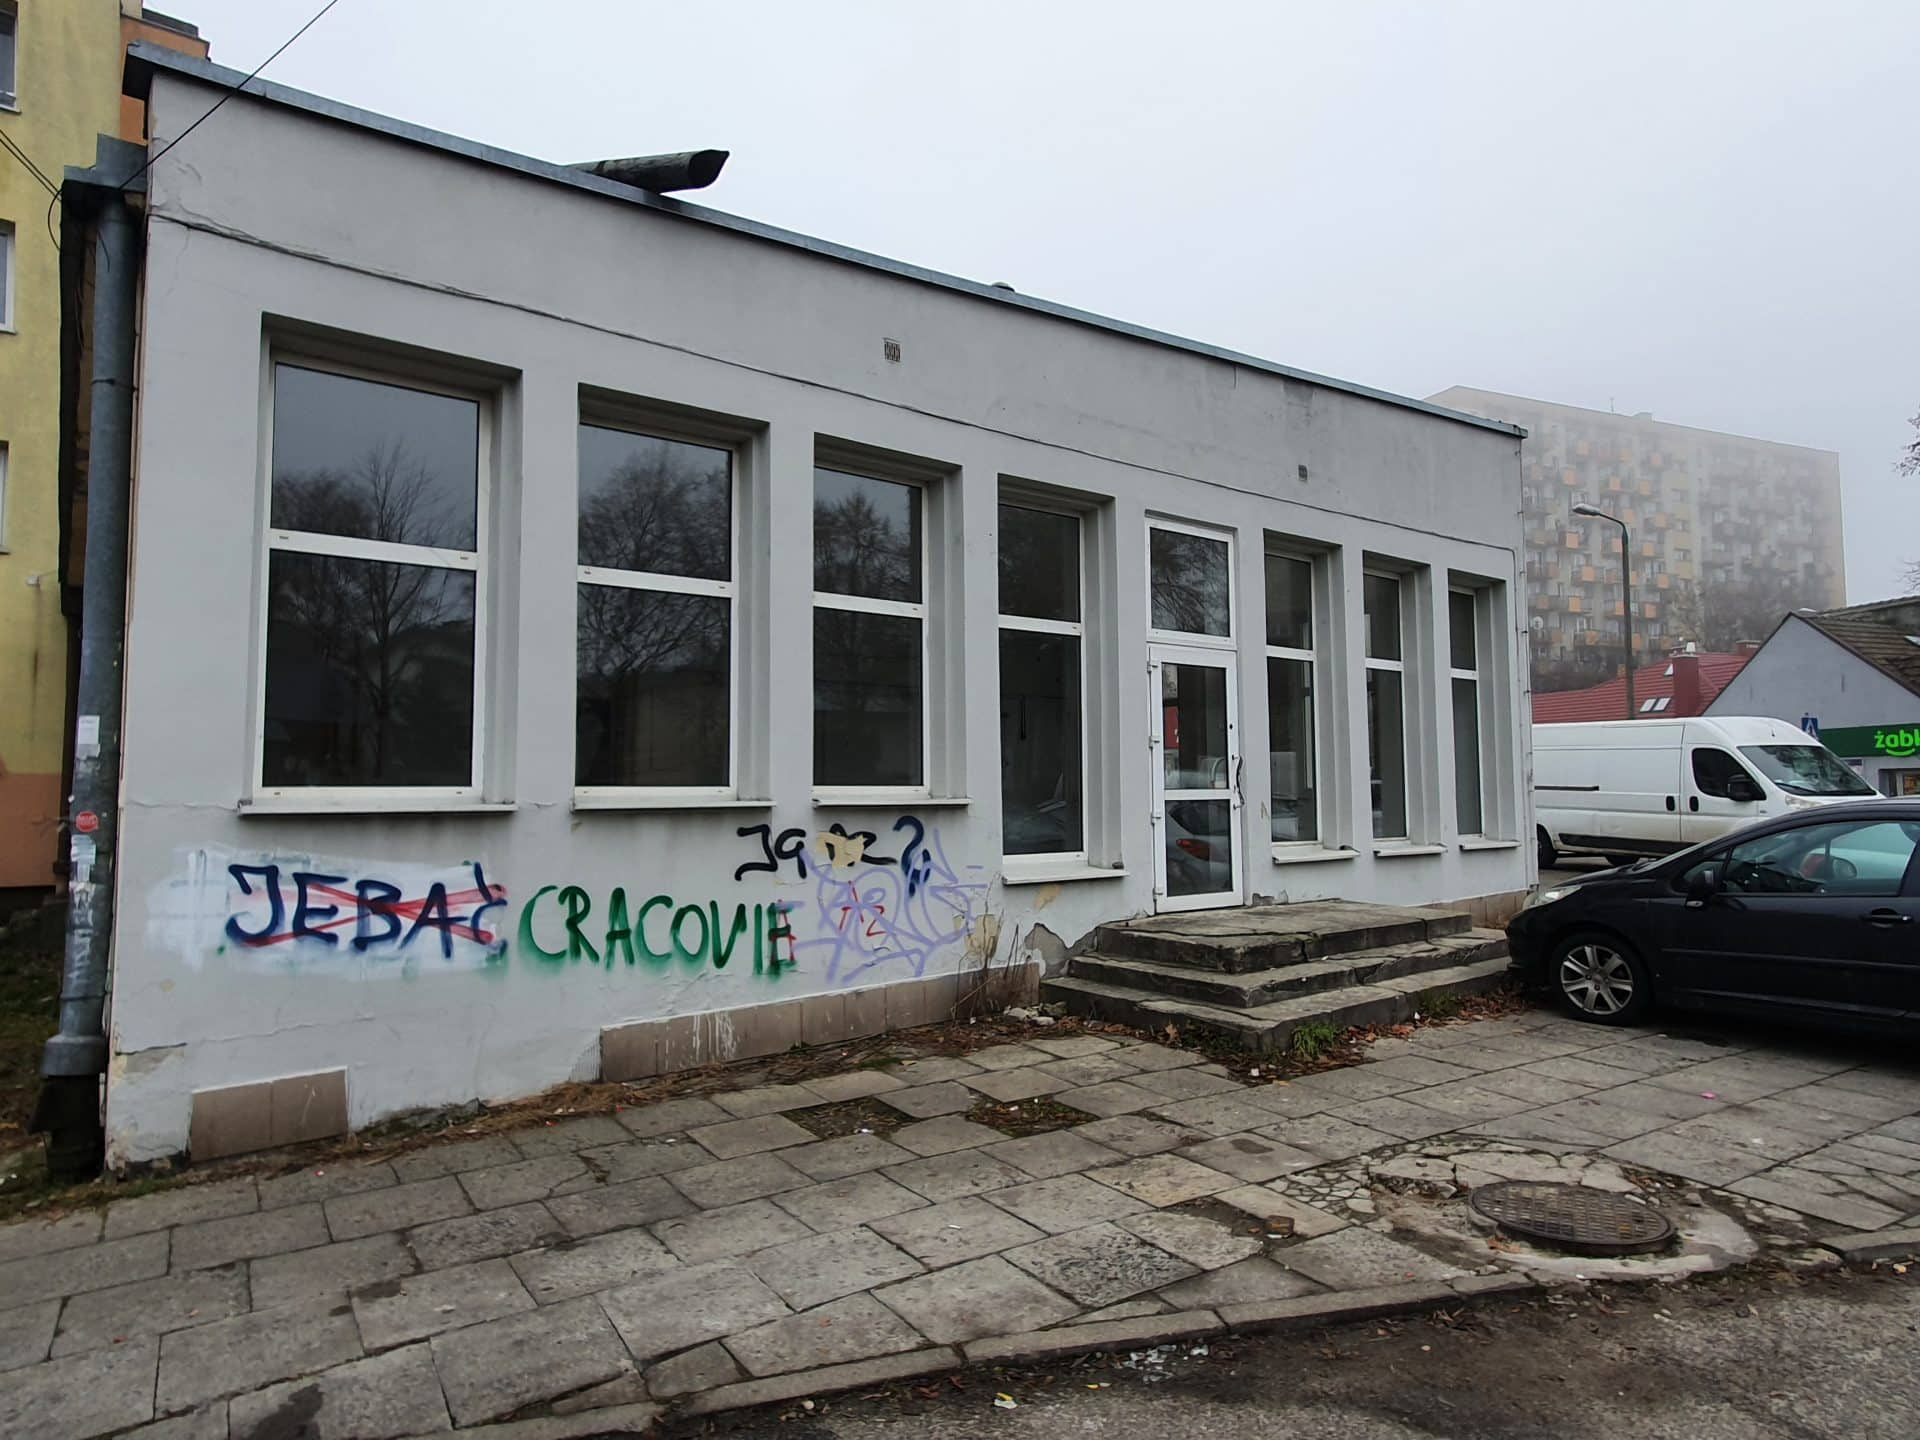 Kraków poza Starym Miastem: dziurawe chodniki zastawione przez samochody, bazgroły na murach i opuszczone lokale. Na zdjęciu osiedle Azory, ok. 3 km od Rynku Głównego.